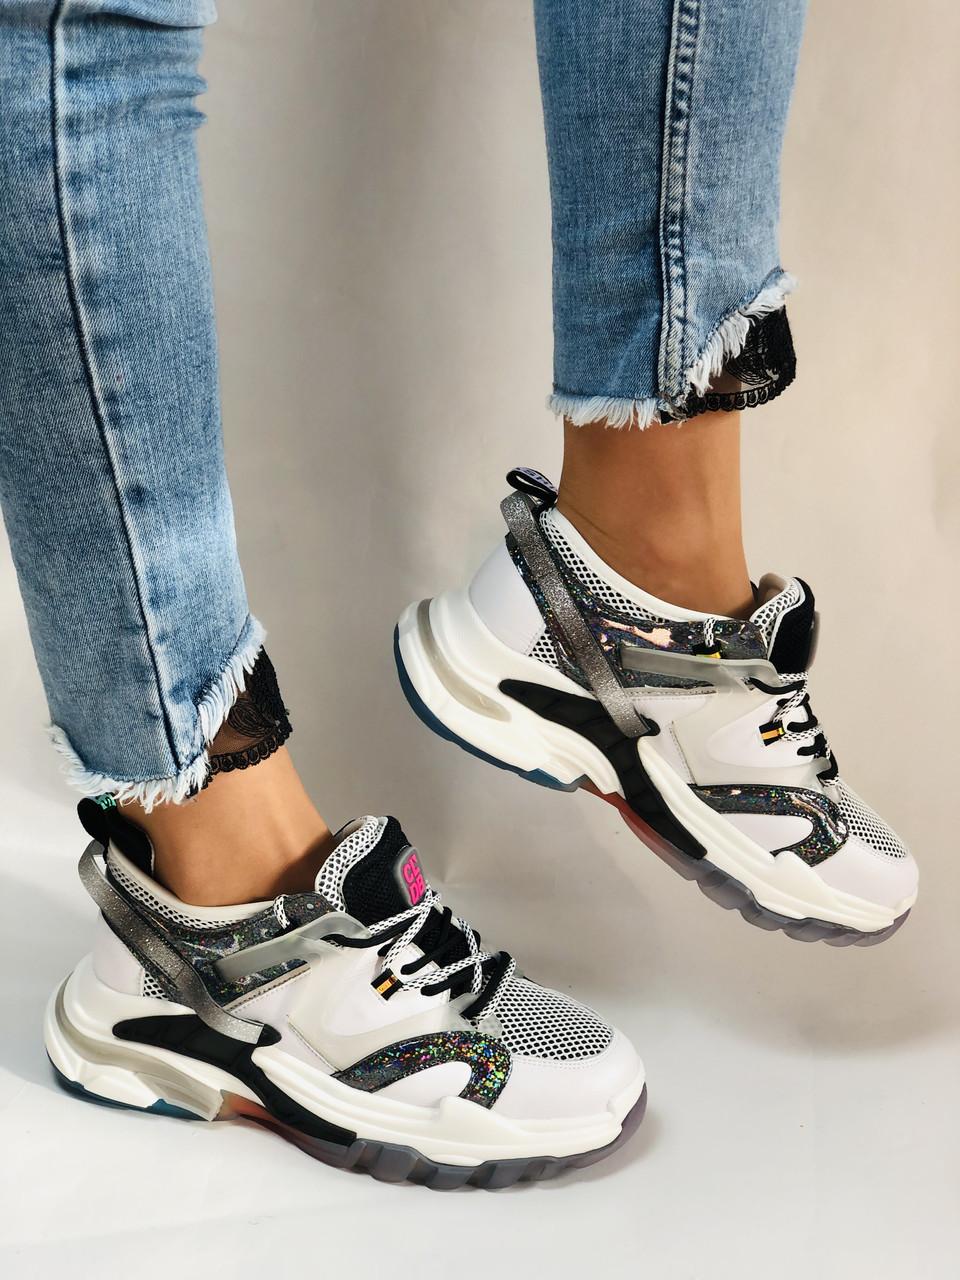 Жіночі кросівки з натуральної шкіри плюс текстиль. Розмір 36.38.39.40